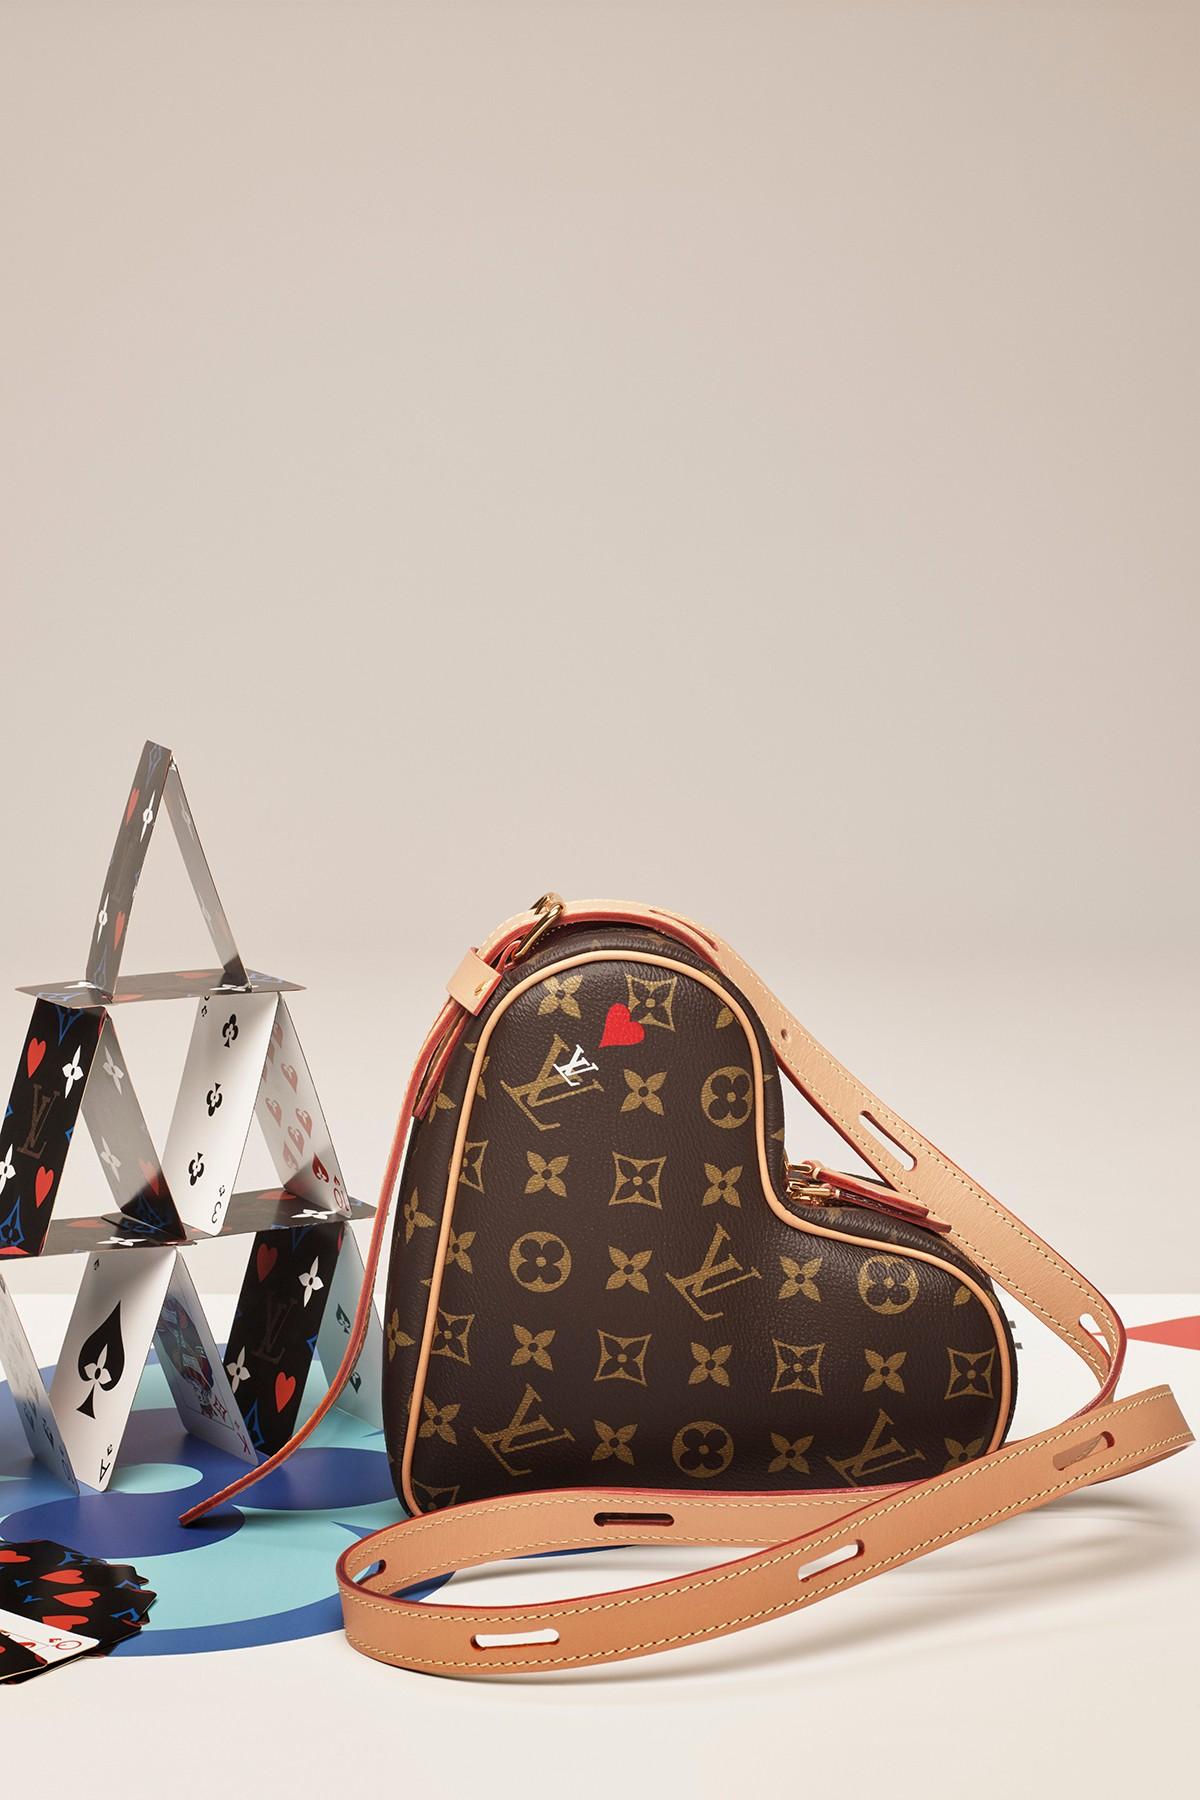 Louis Vuitton 8